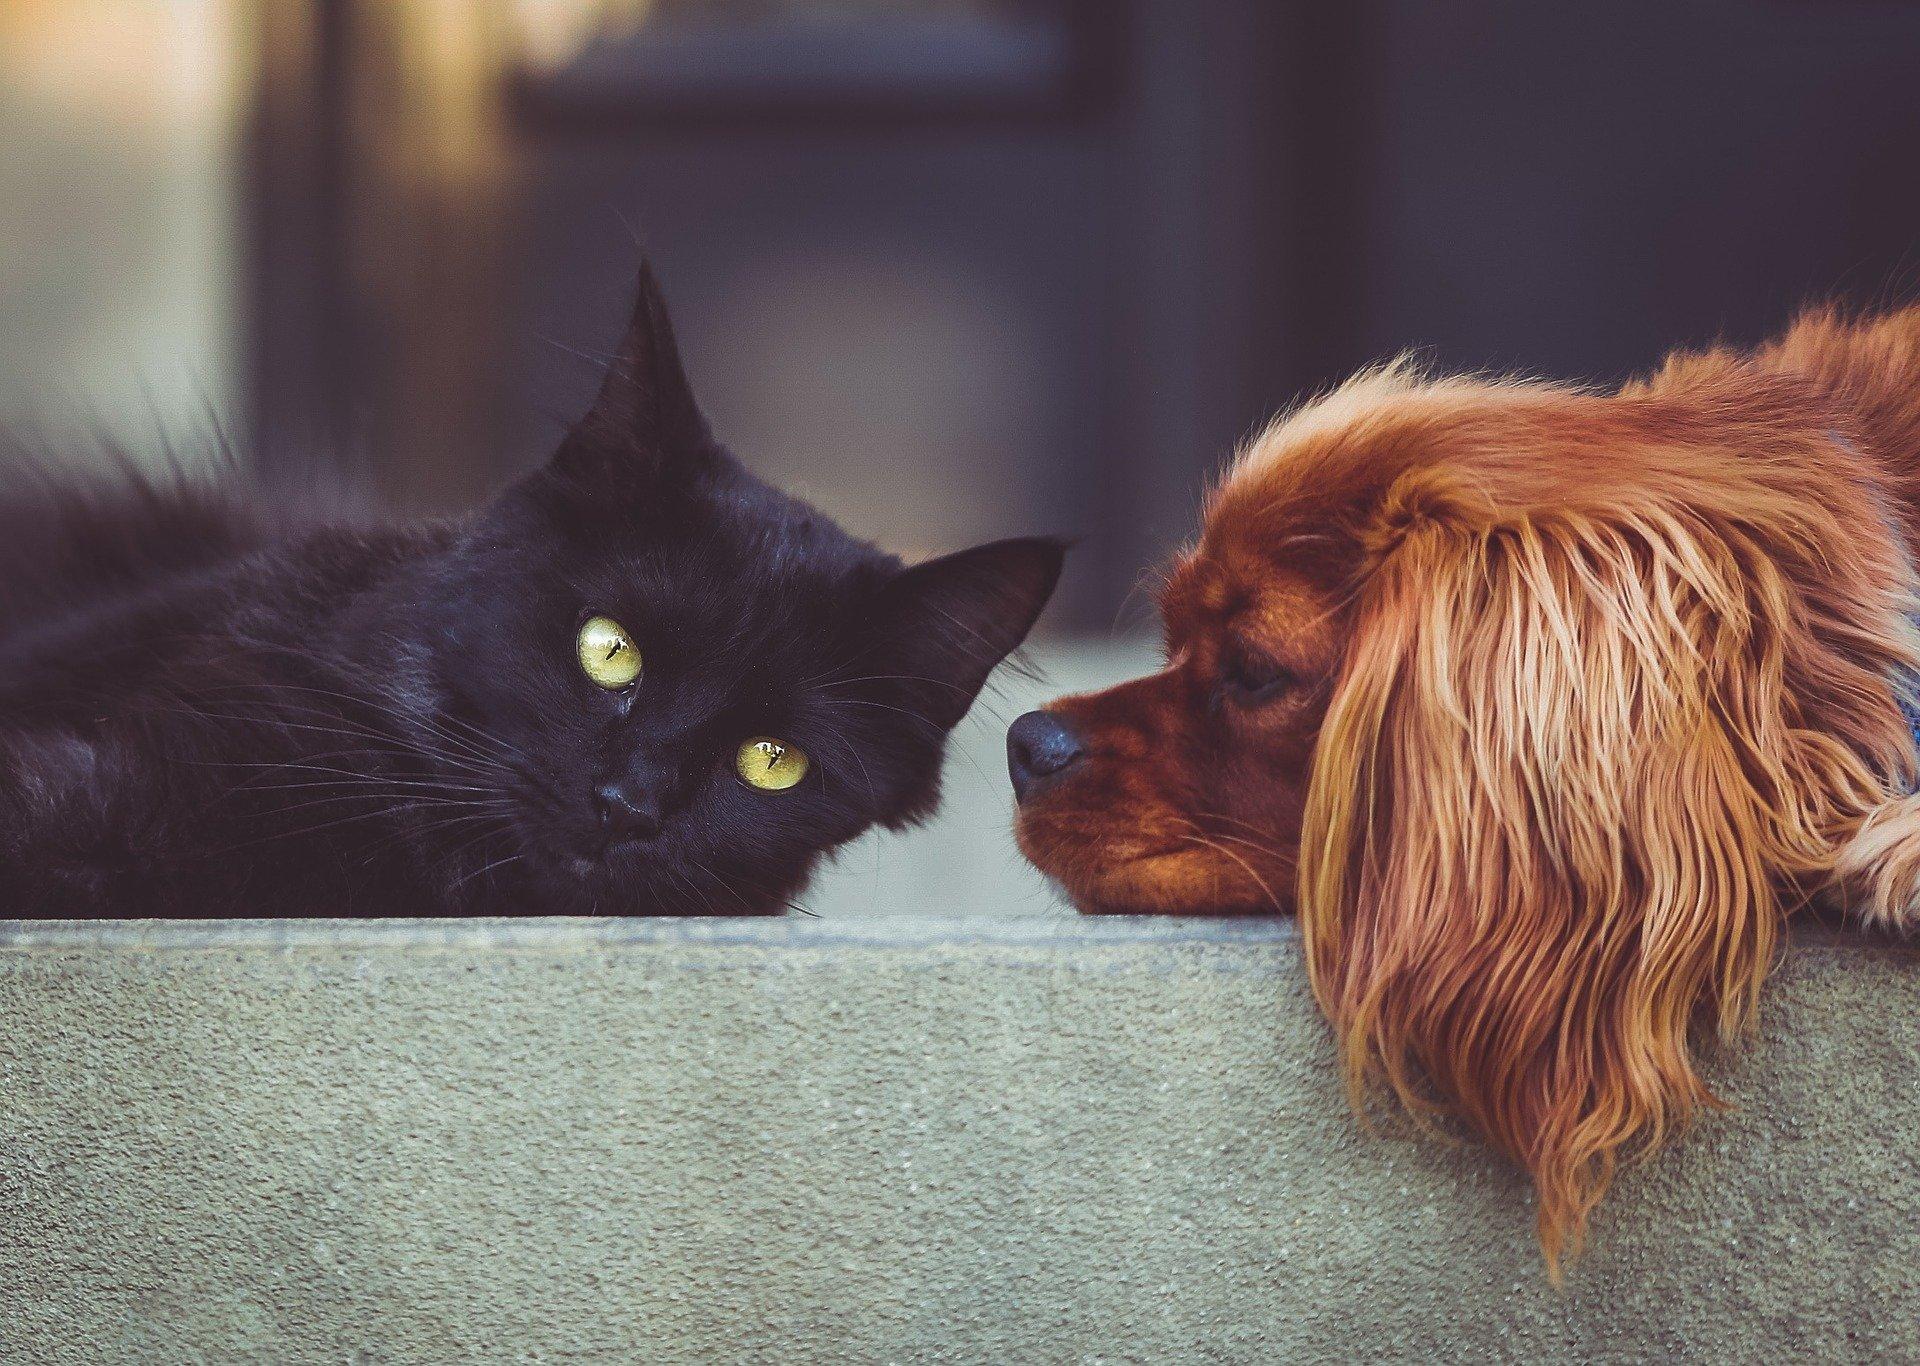 schwarze Katze und ein brauner Hund liegen nebeneinander.